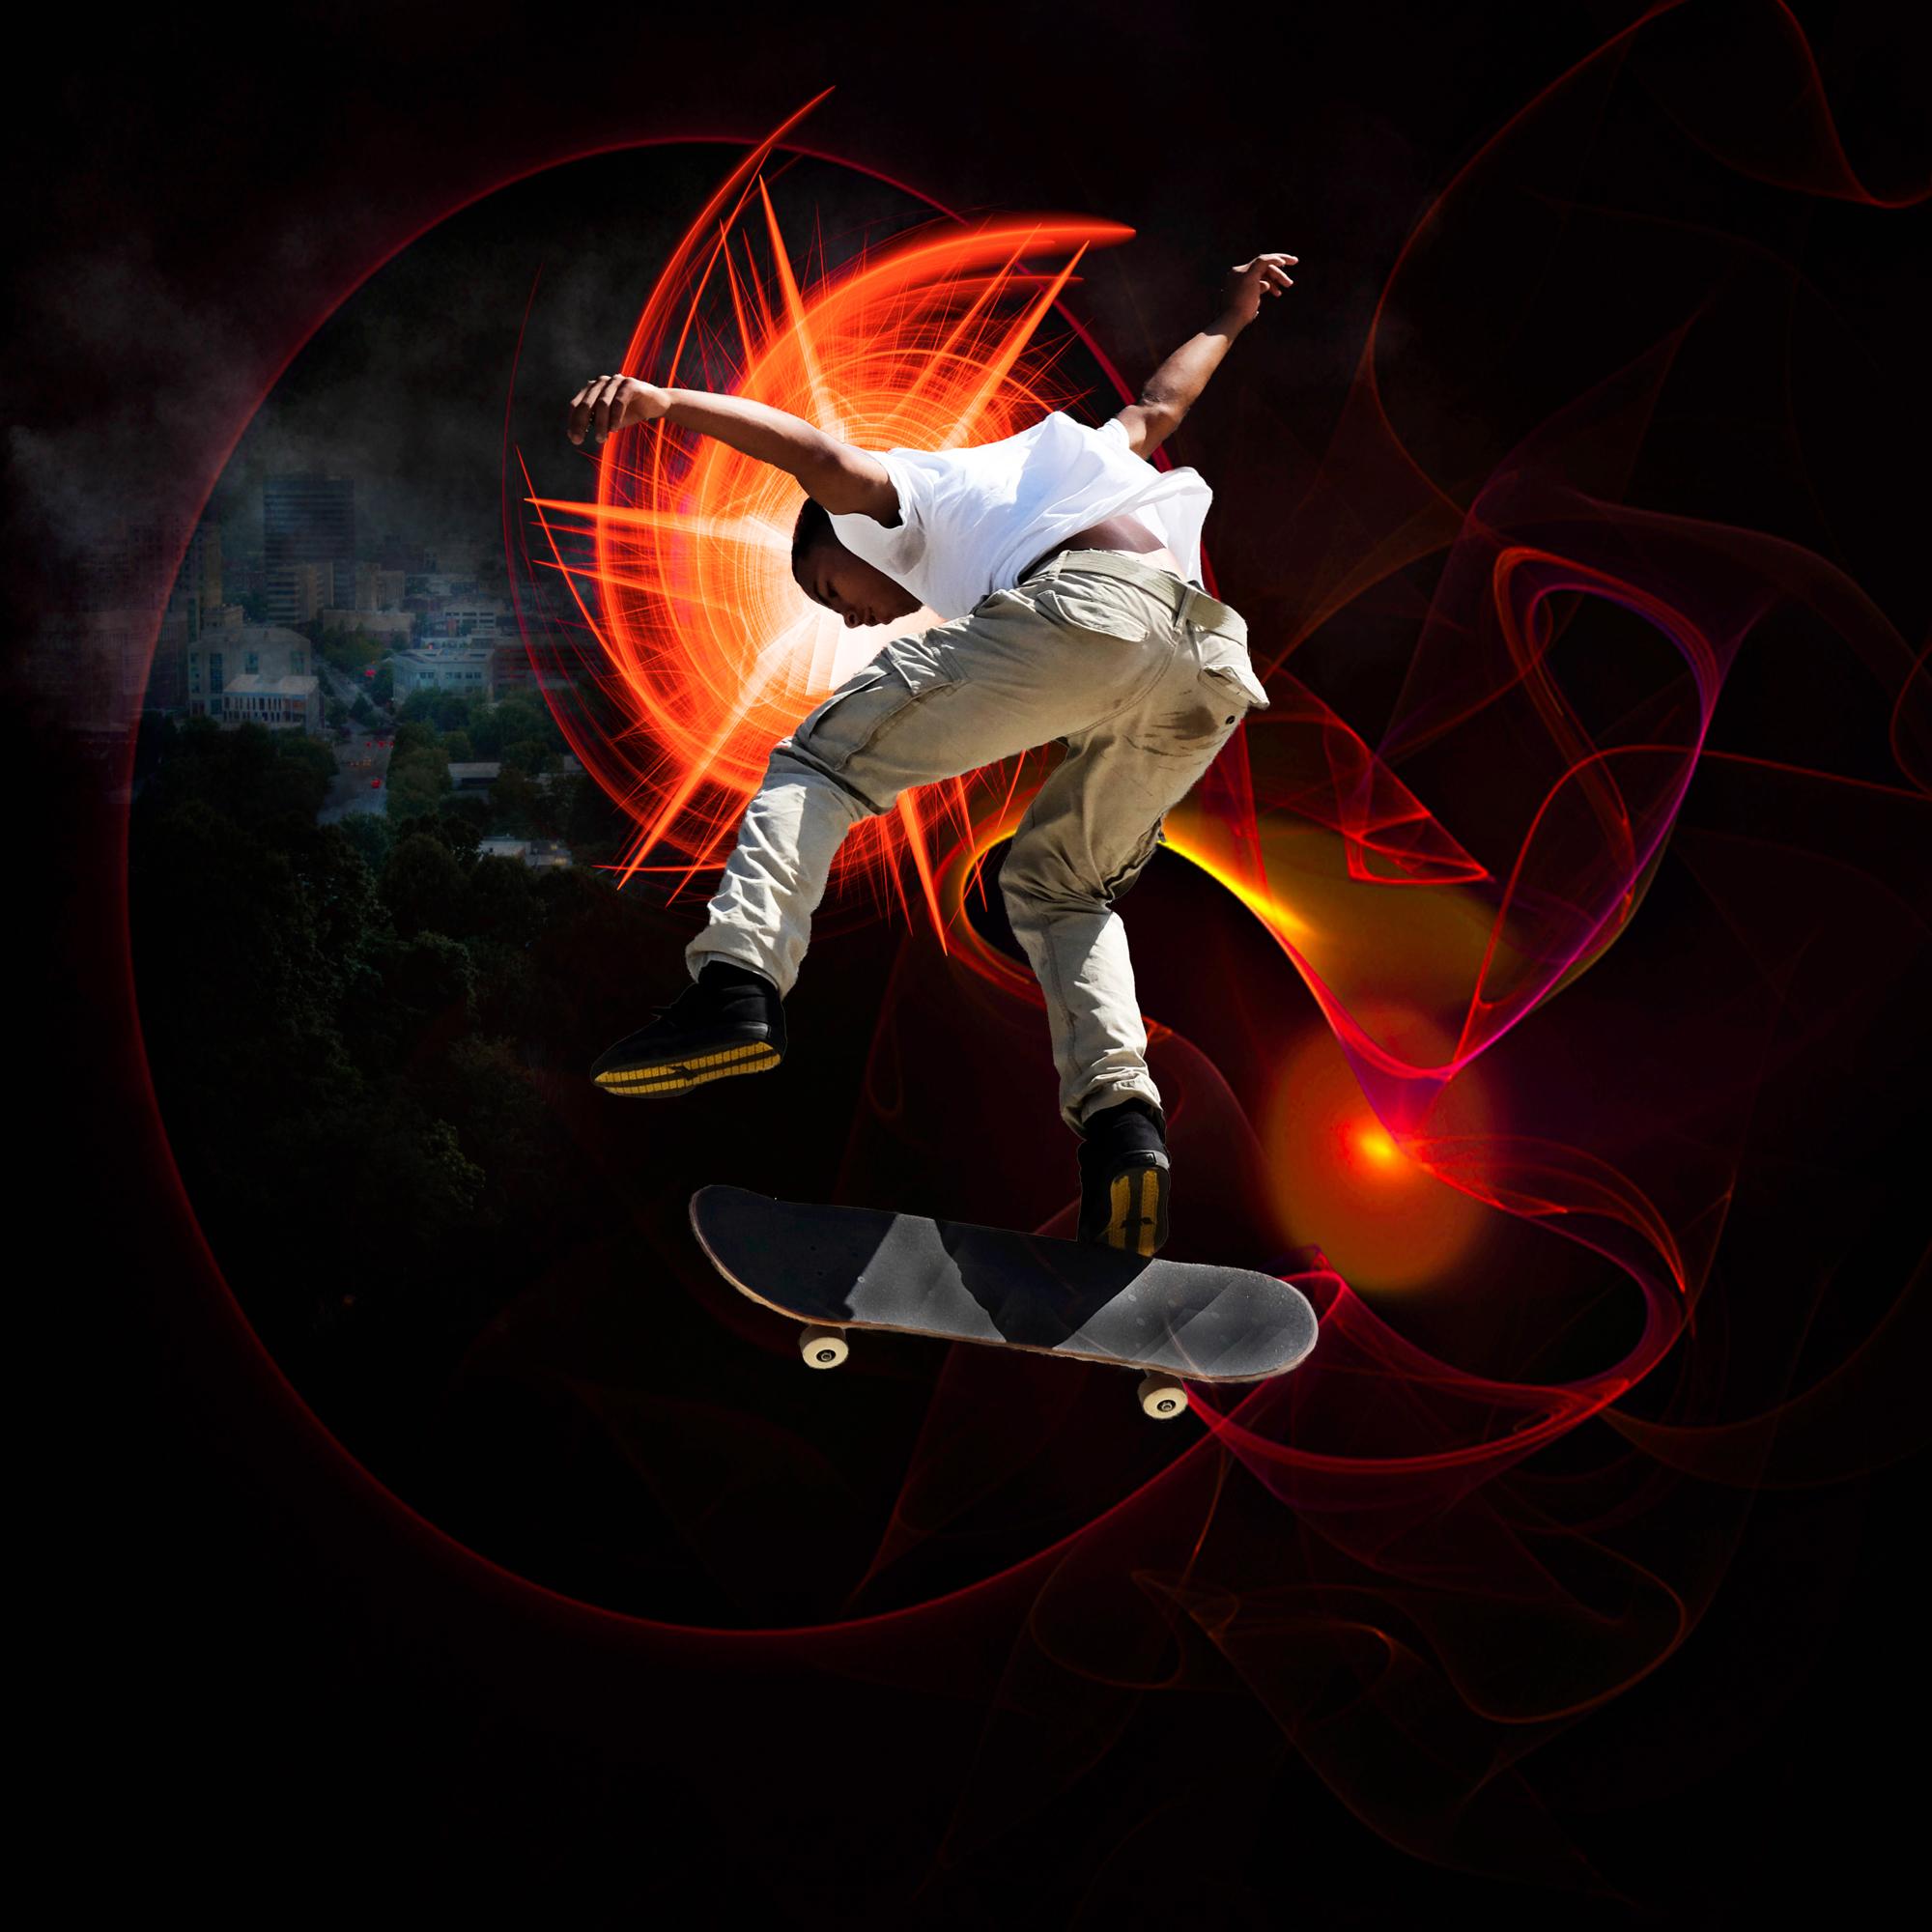 Skate-108.jpg